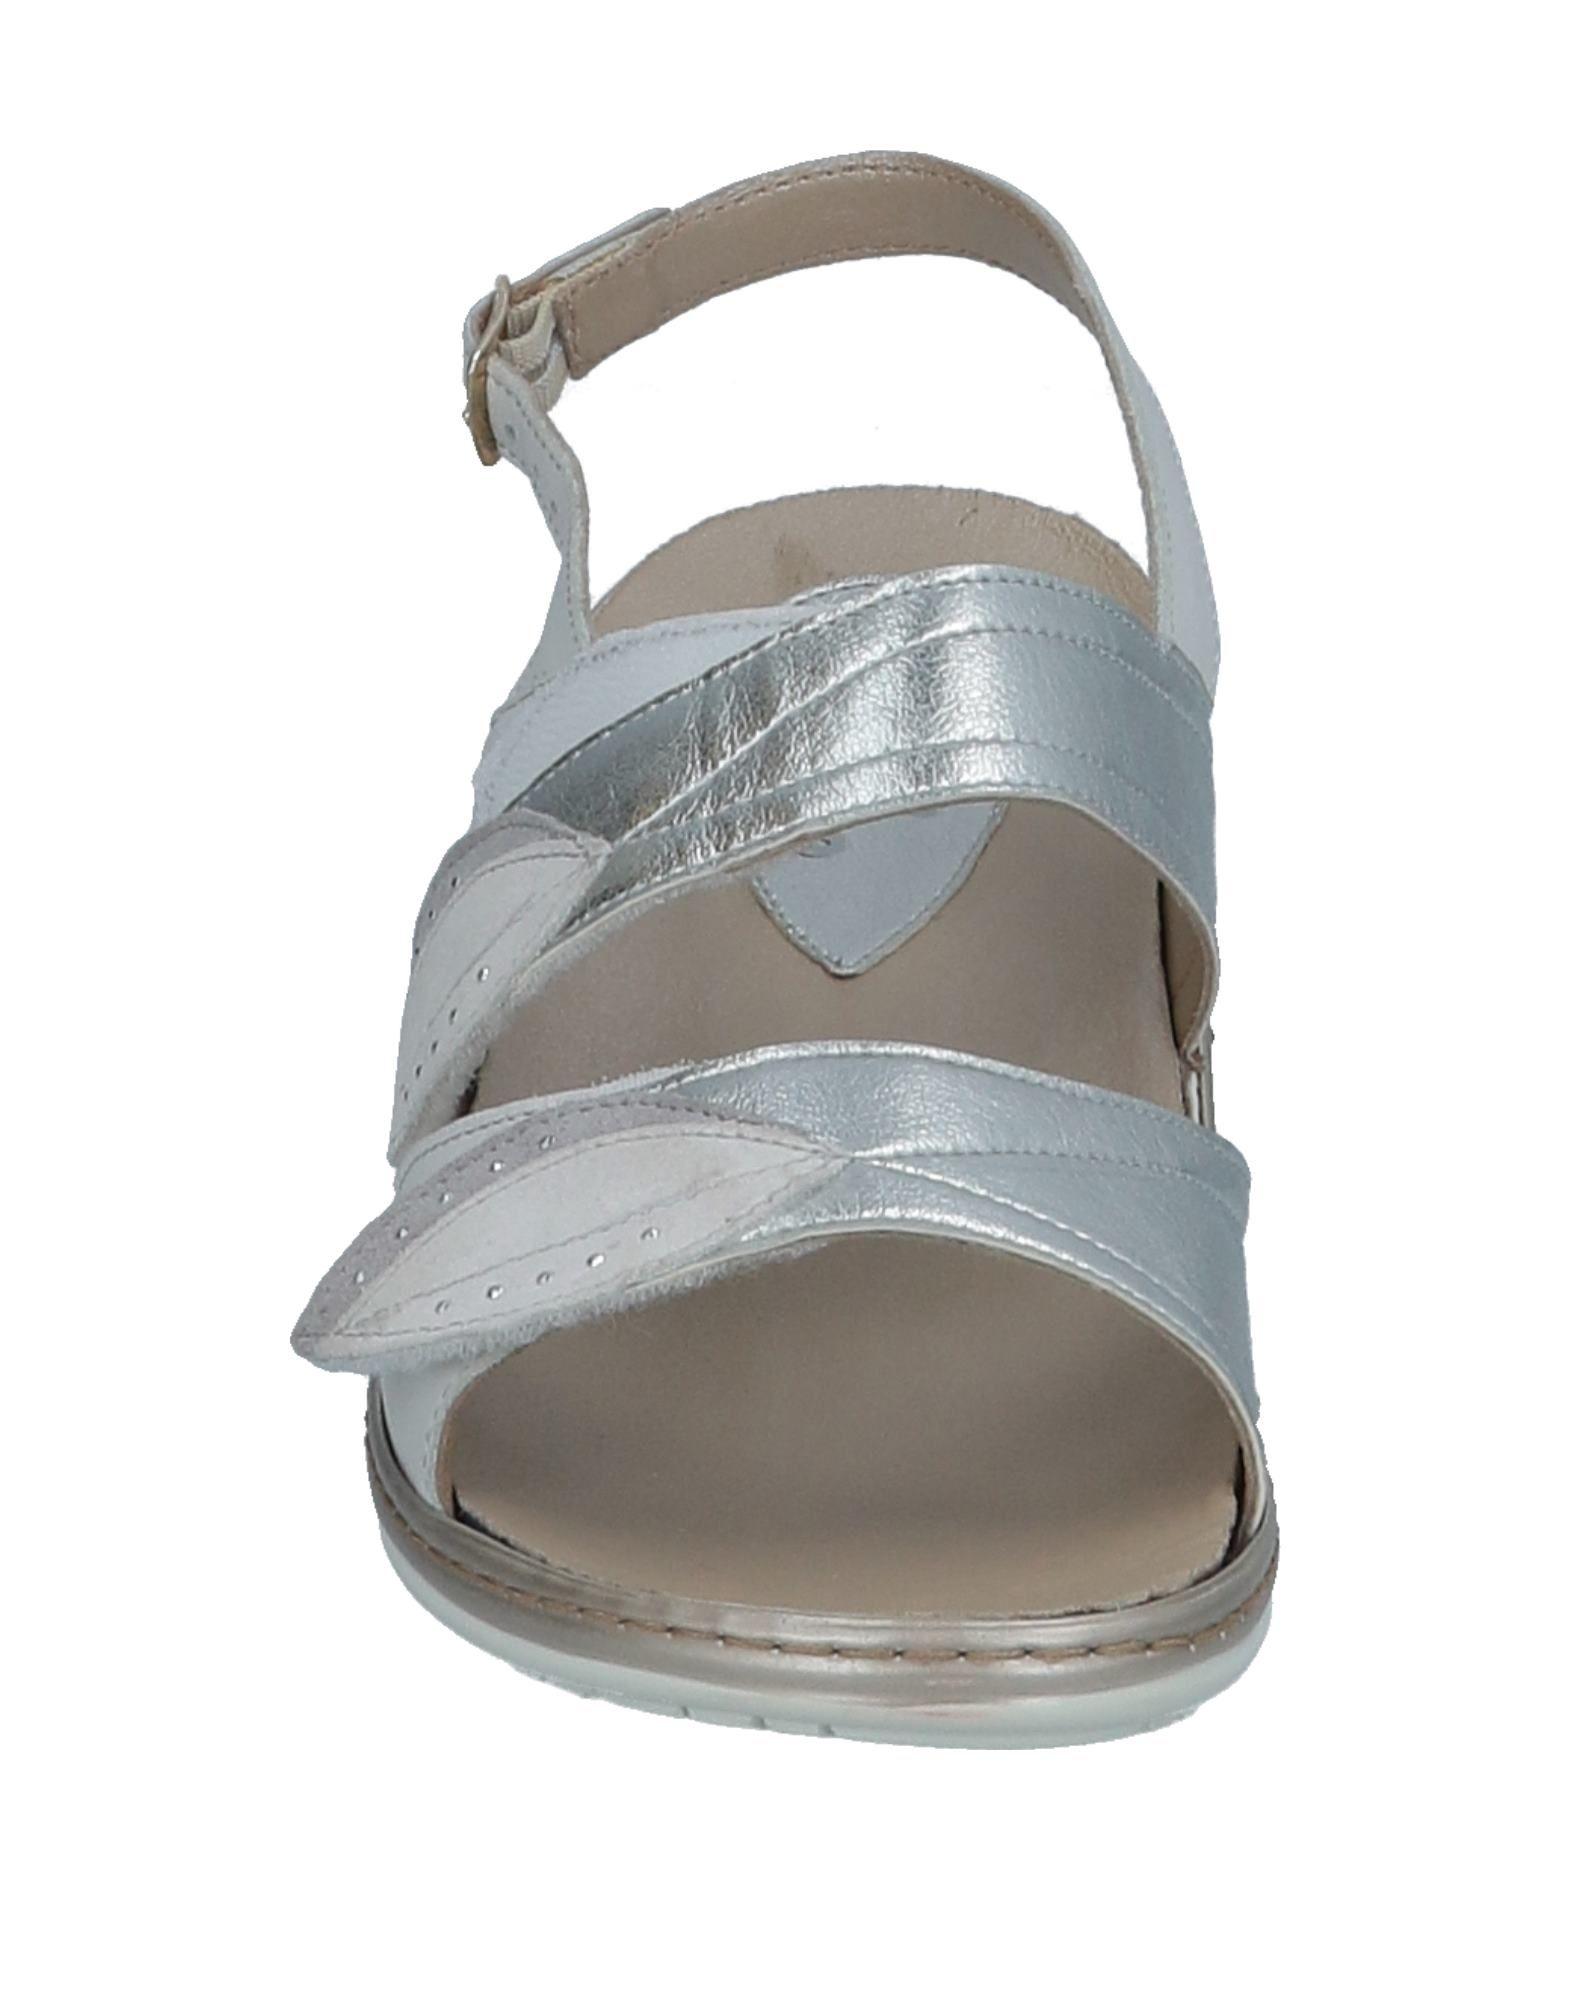 Melluso Sandalen Damen  11532687GI Gute Qualität beliebte Schuhe Schuhe Schuhe 78a2e0